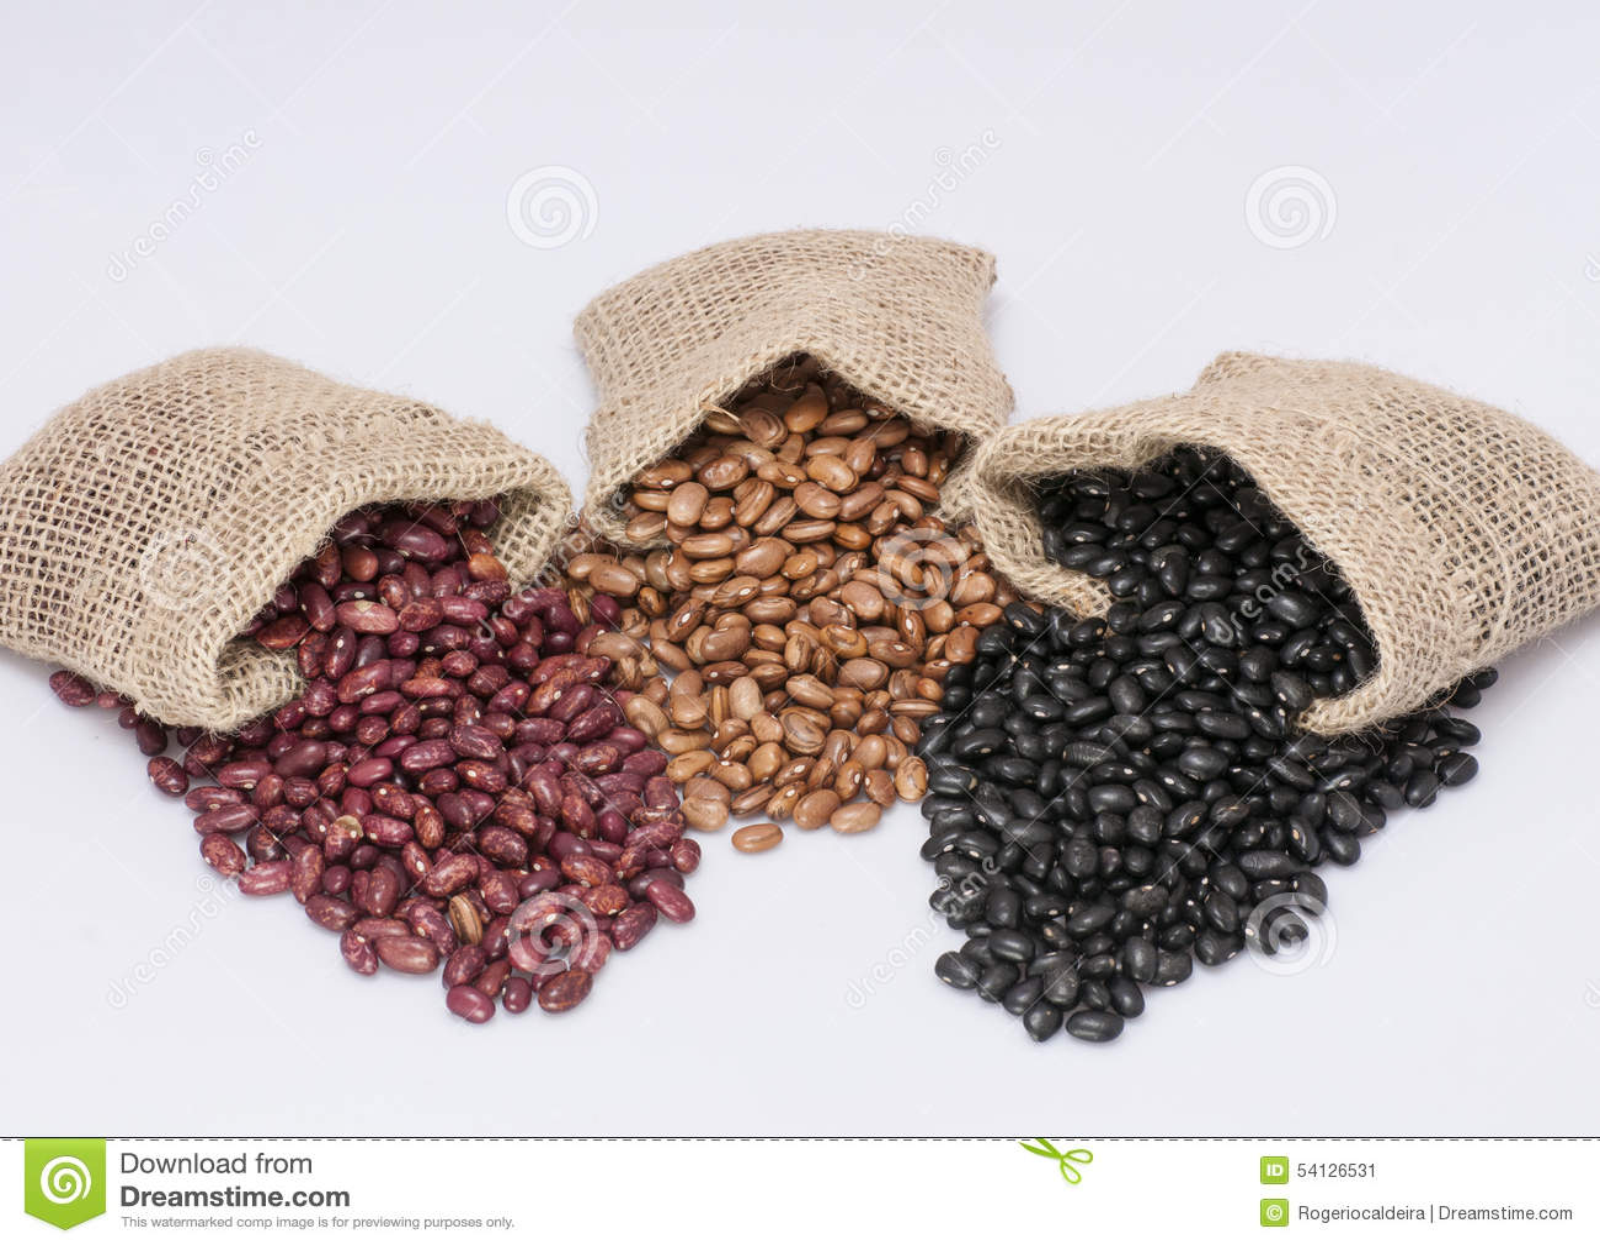 how to make white kidney beans